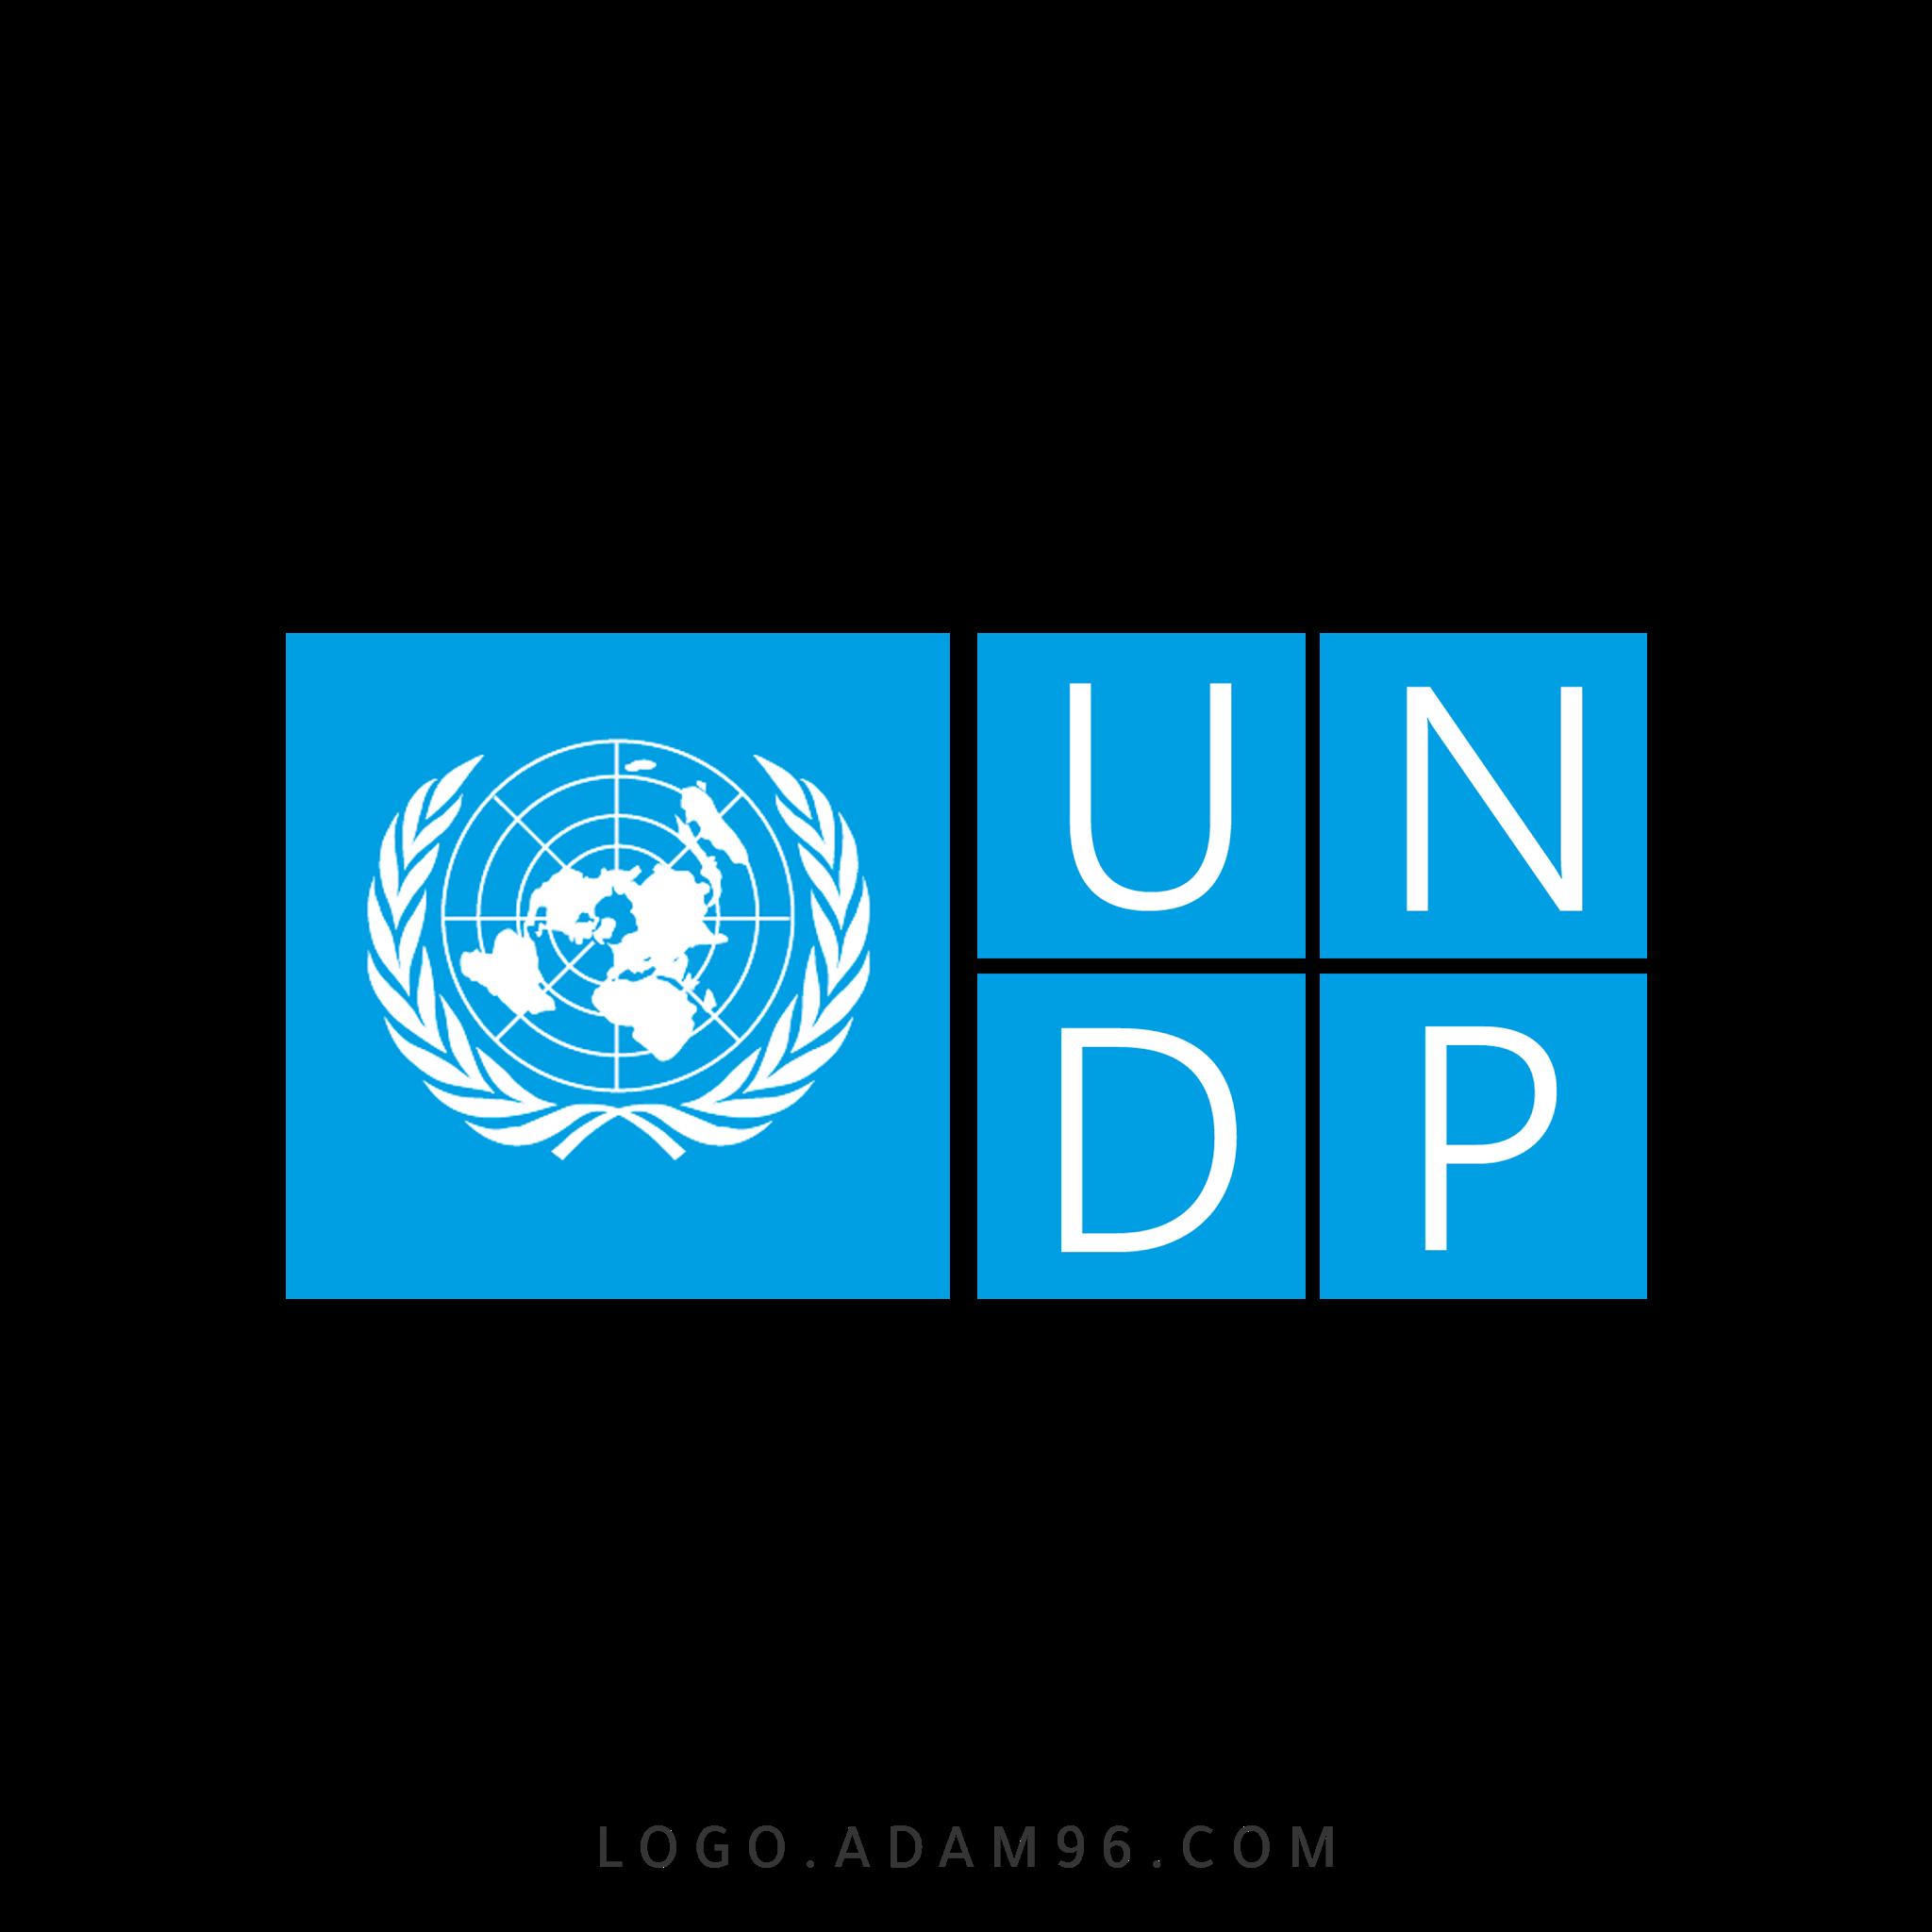 تحميل شعار برنامج الأمم المتحدة الإنمائي لوجو رسمي LOGO UN PNG